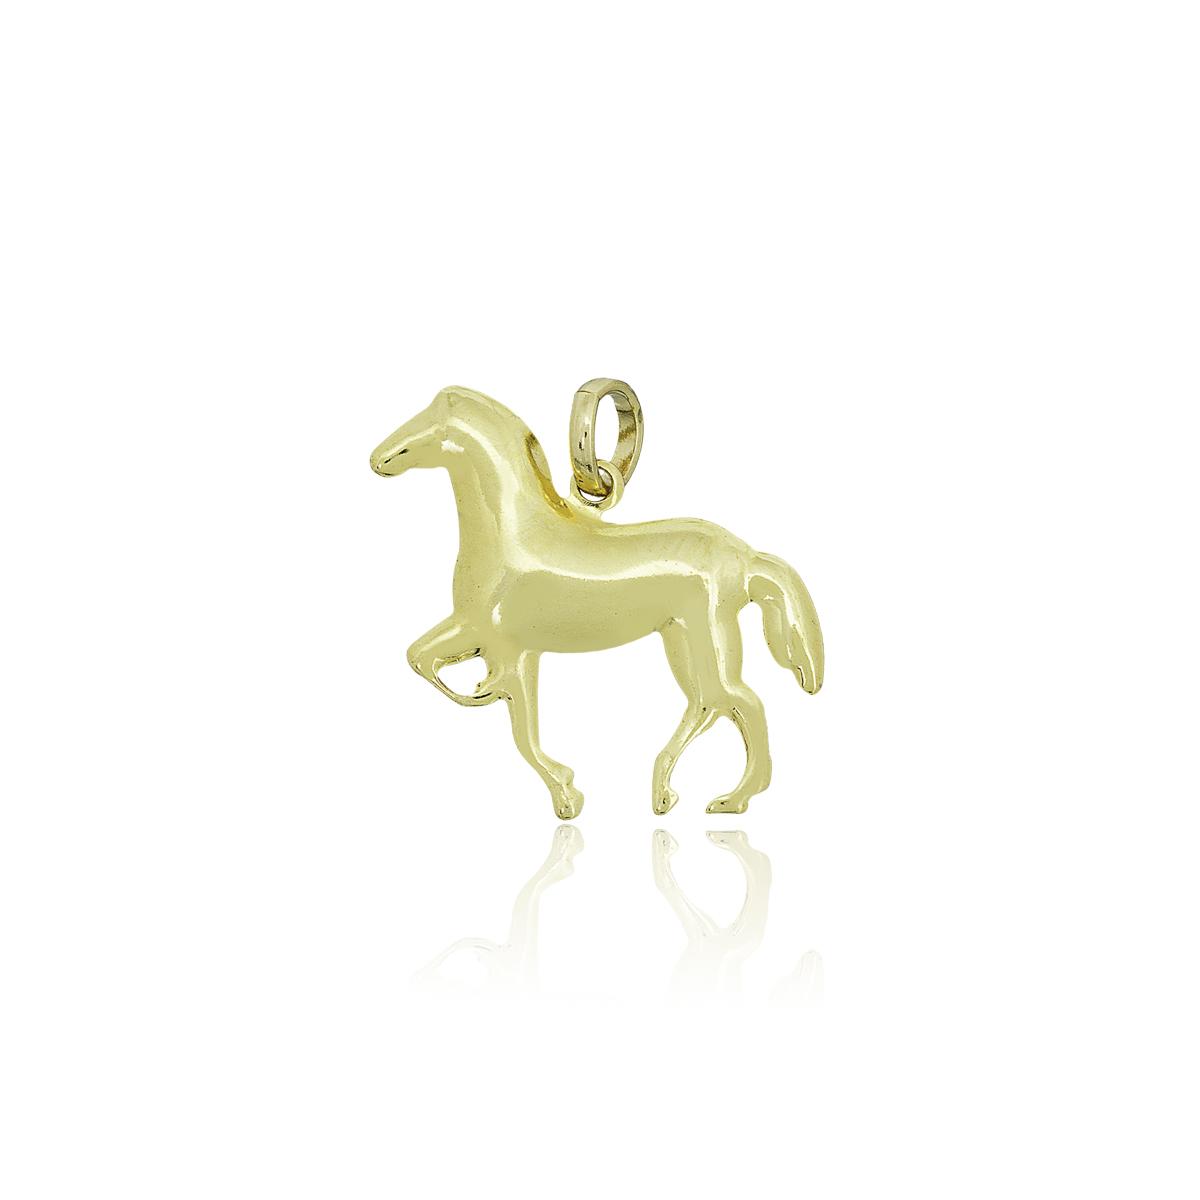 Pingente semijoia Cavalo galopando folheado a ouro 18k